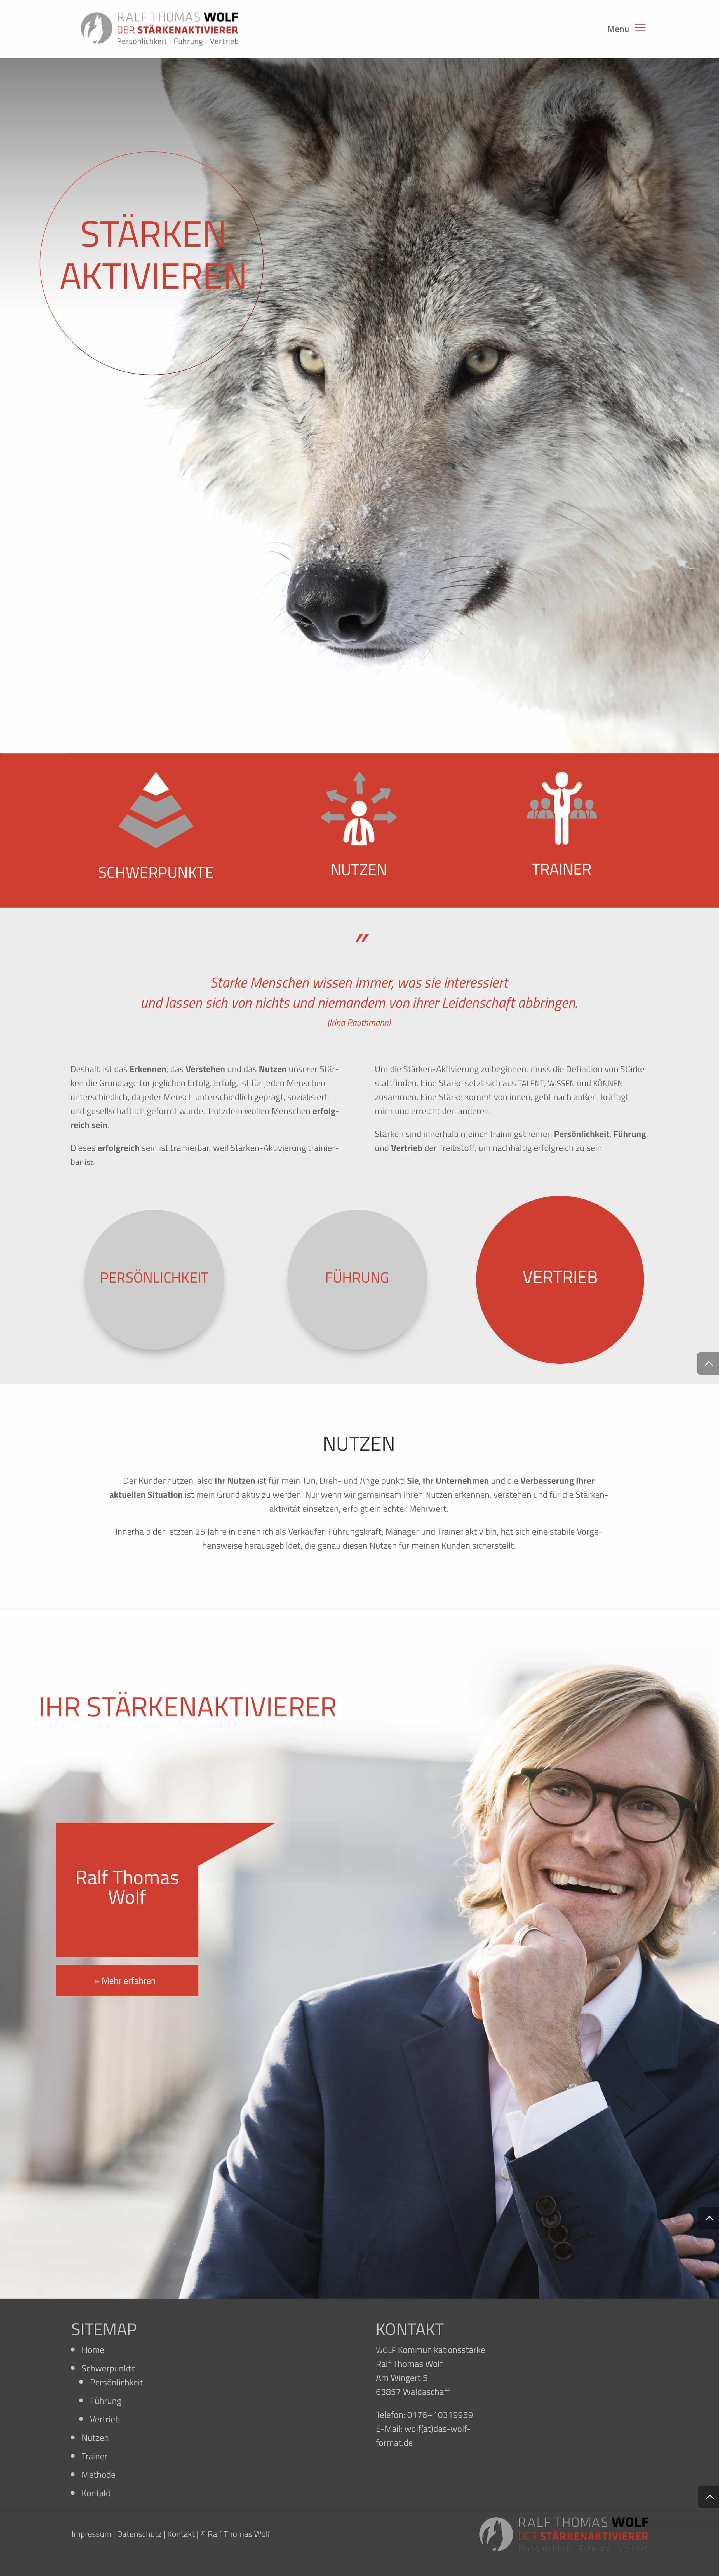 Homepage Entwicklung für Kommunikationstrainer und Coach durch Ronald Wissler | Visuelle Kommunikation